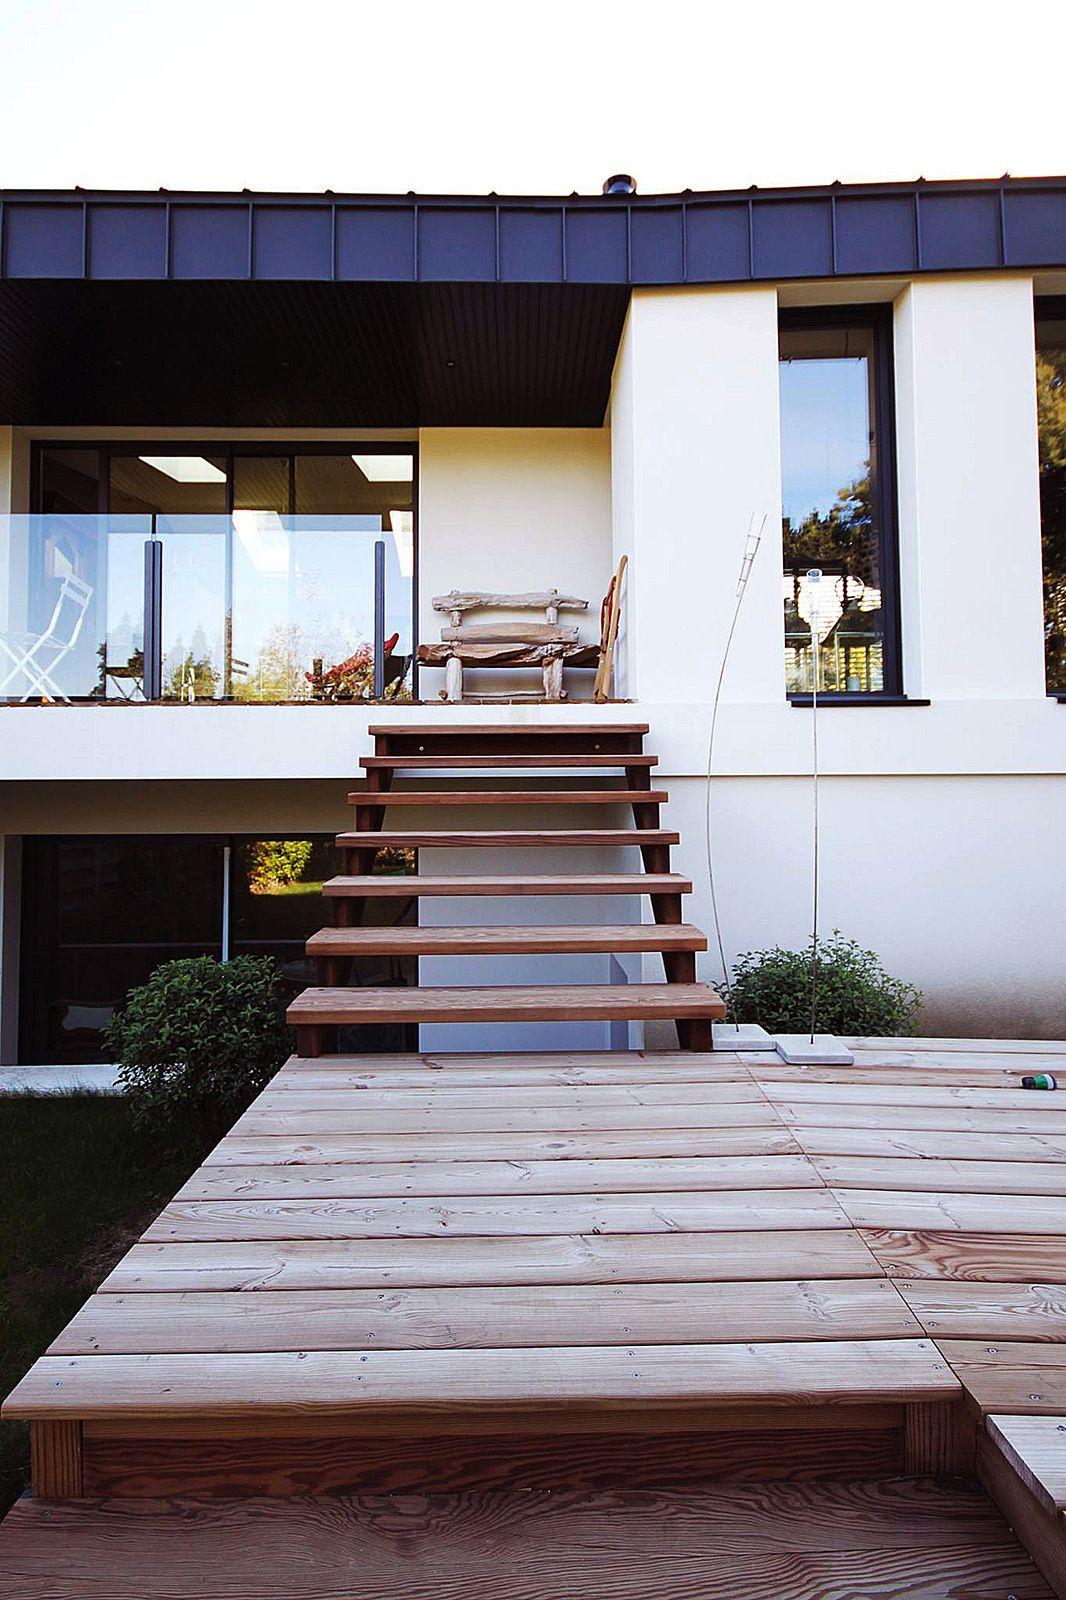 Maison BL Extension Contemporaine Dune Maison Bretonne Des Années - Porte placard coulissante jumelé avec serrurier paris 17ème